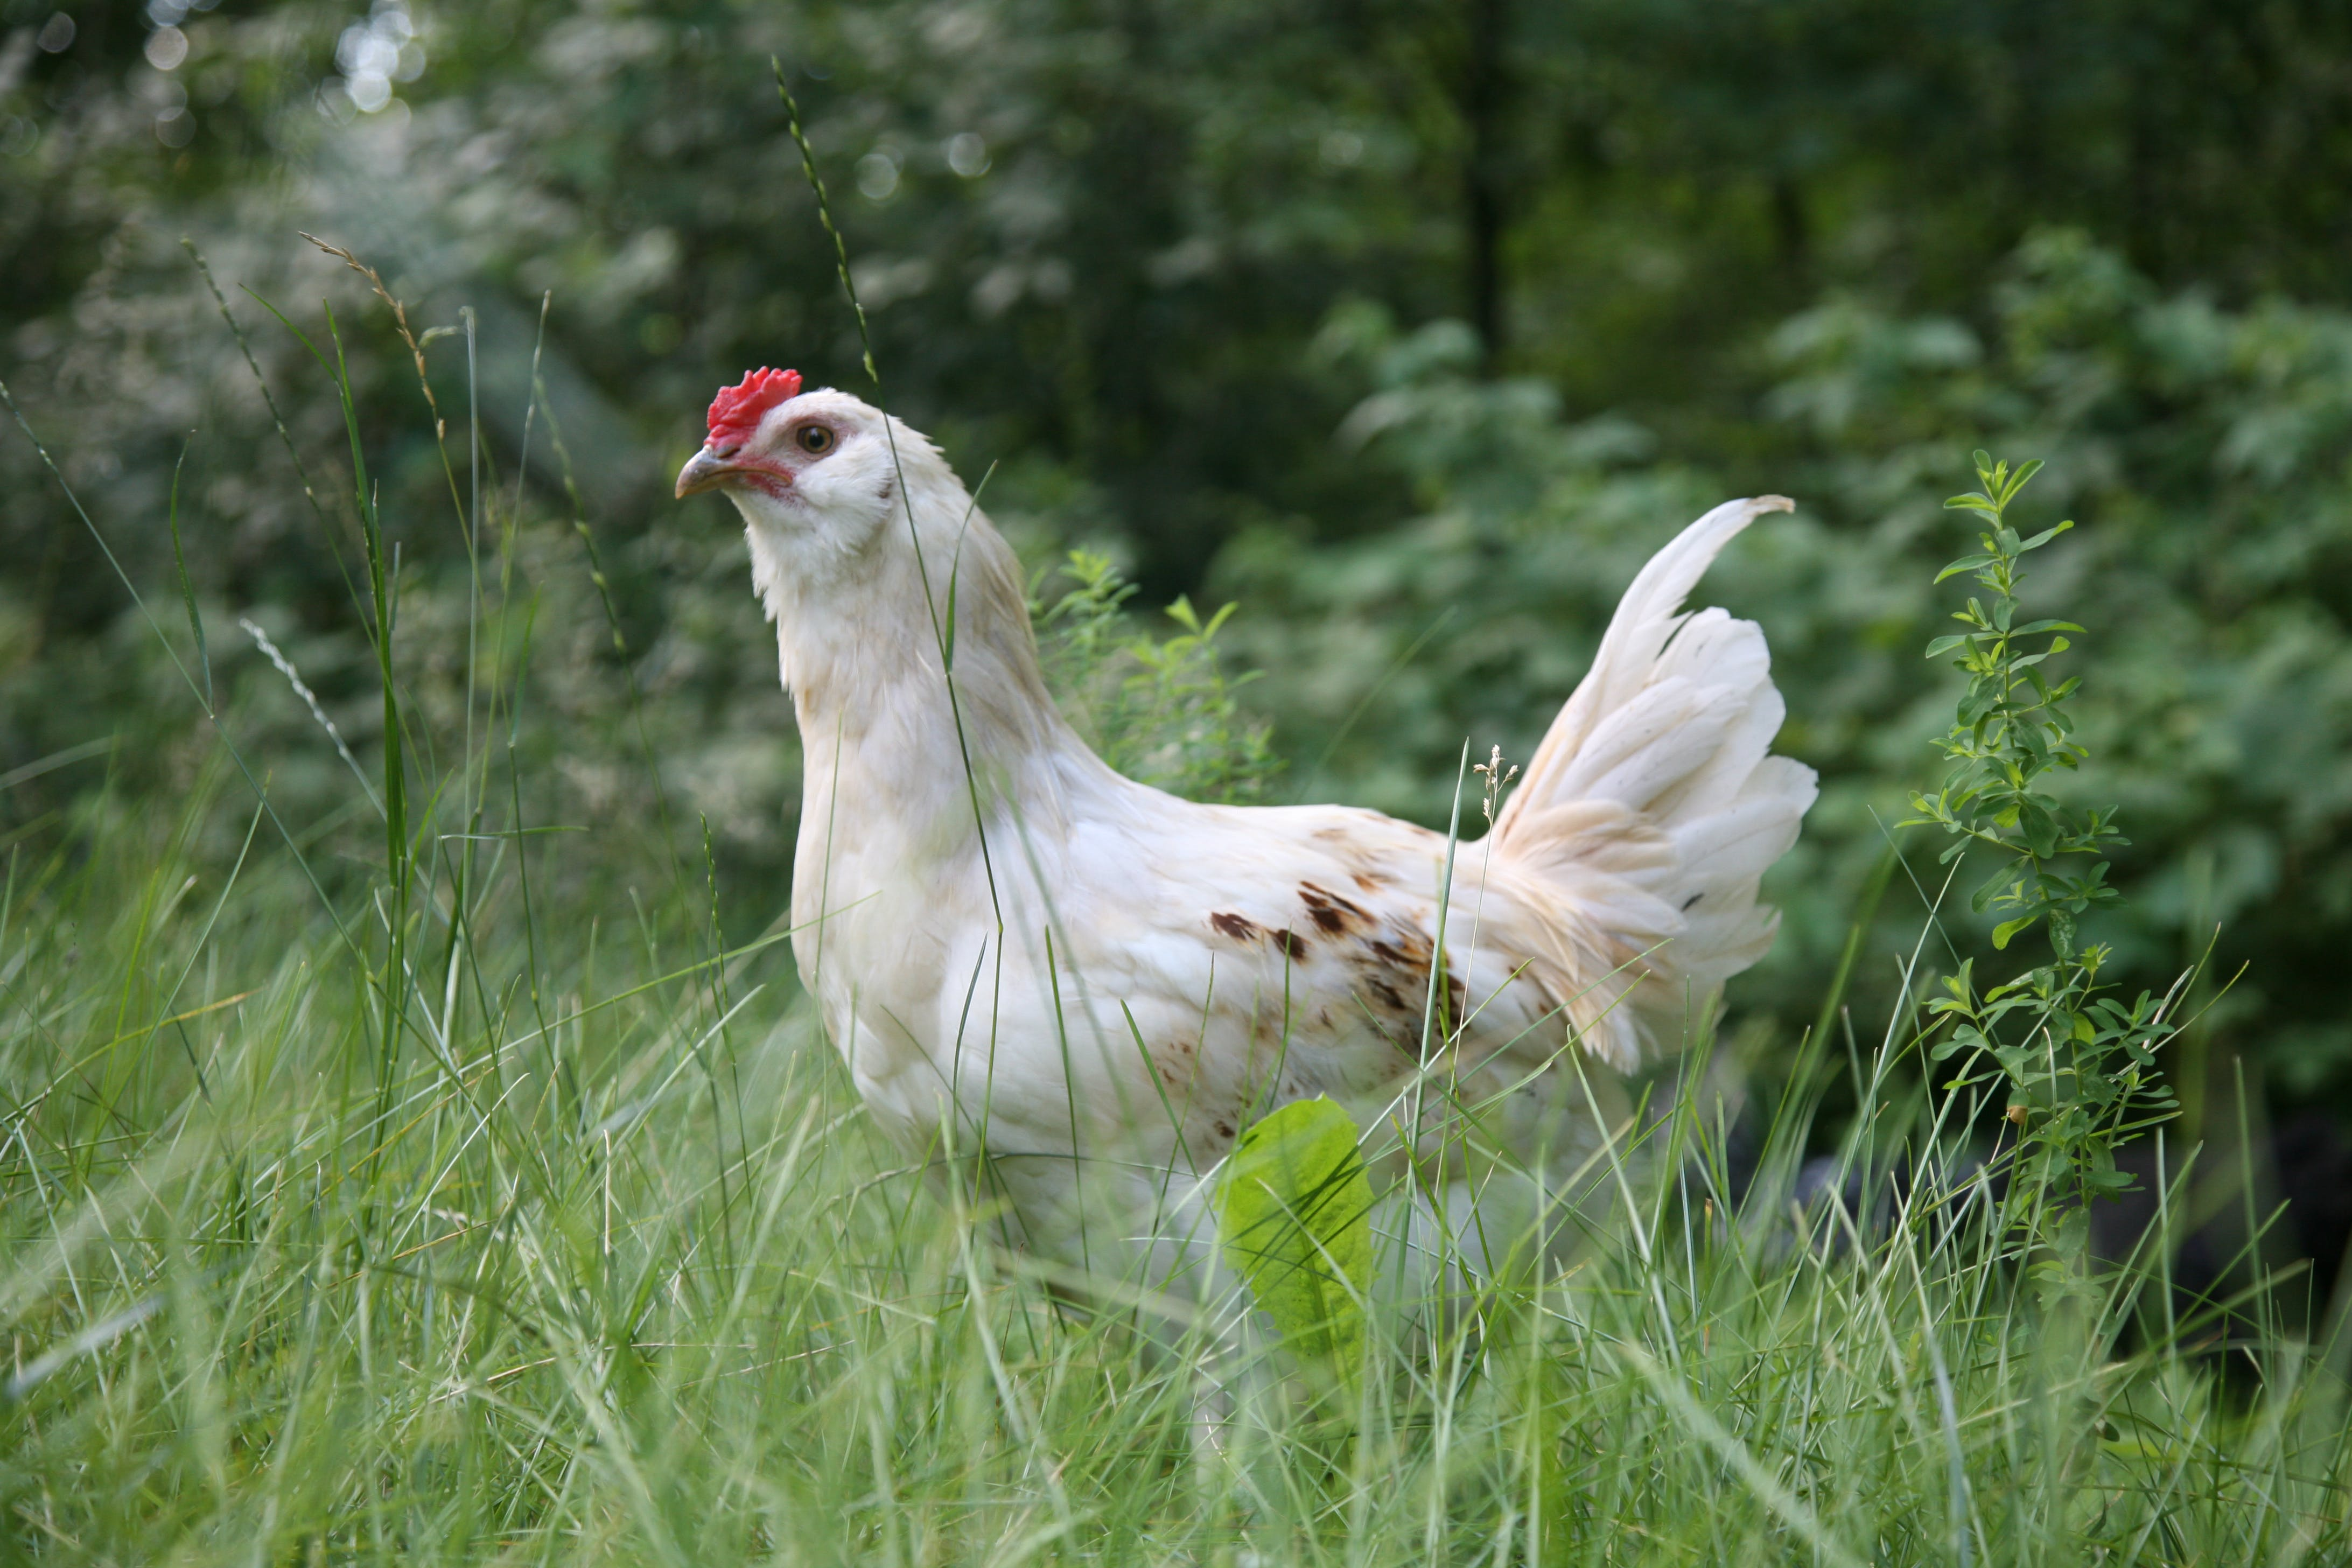 White Chicken on Green Grass Field